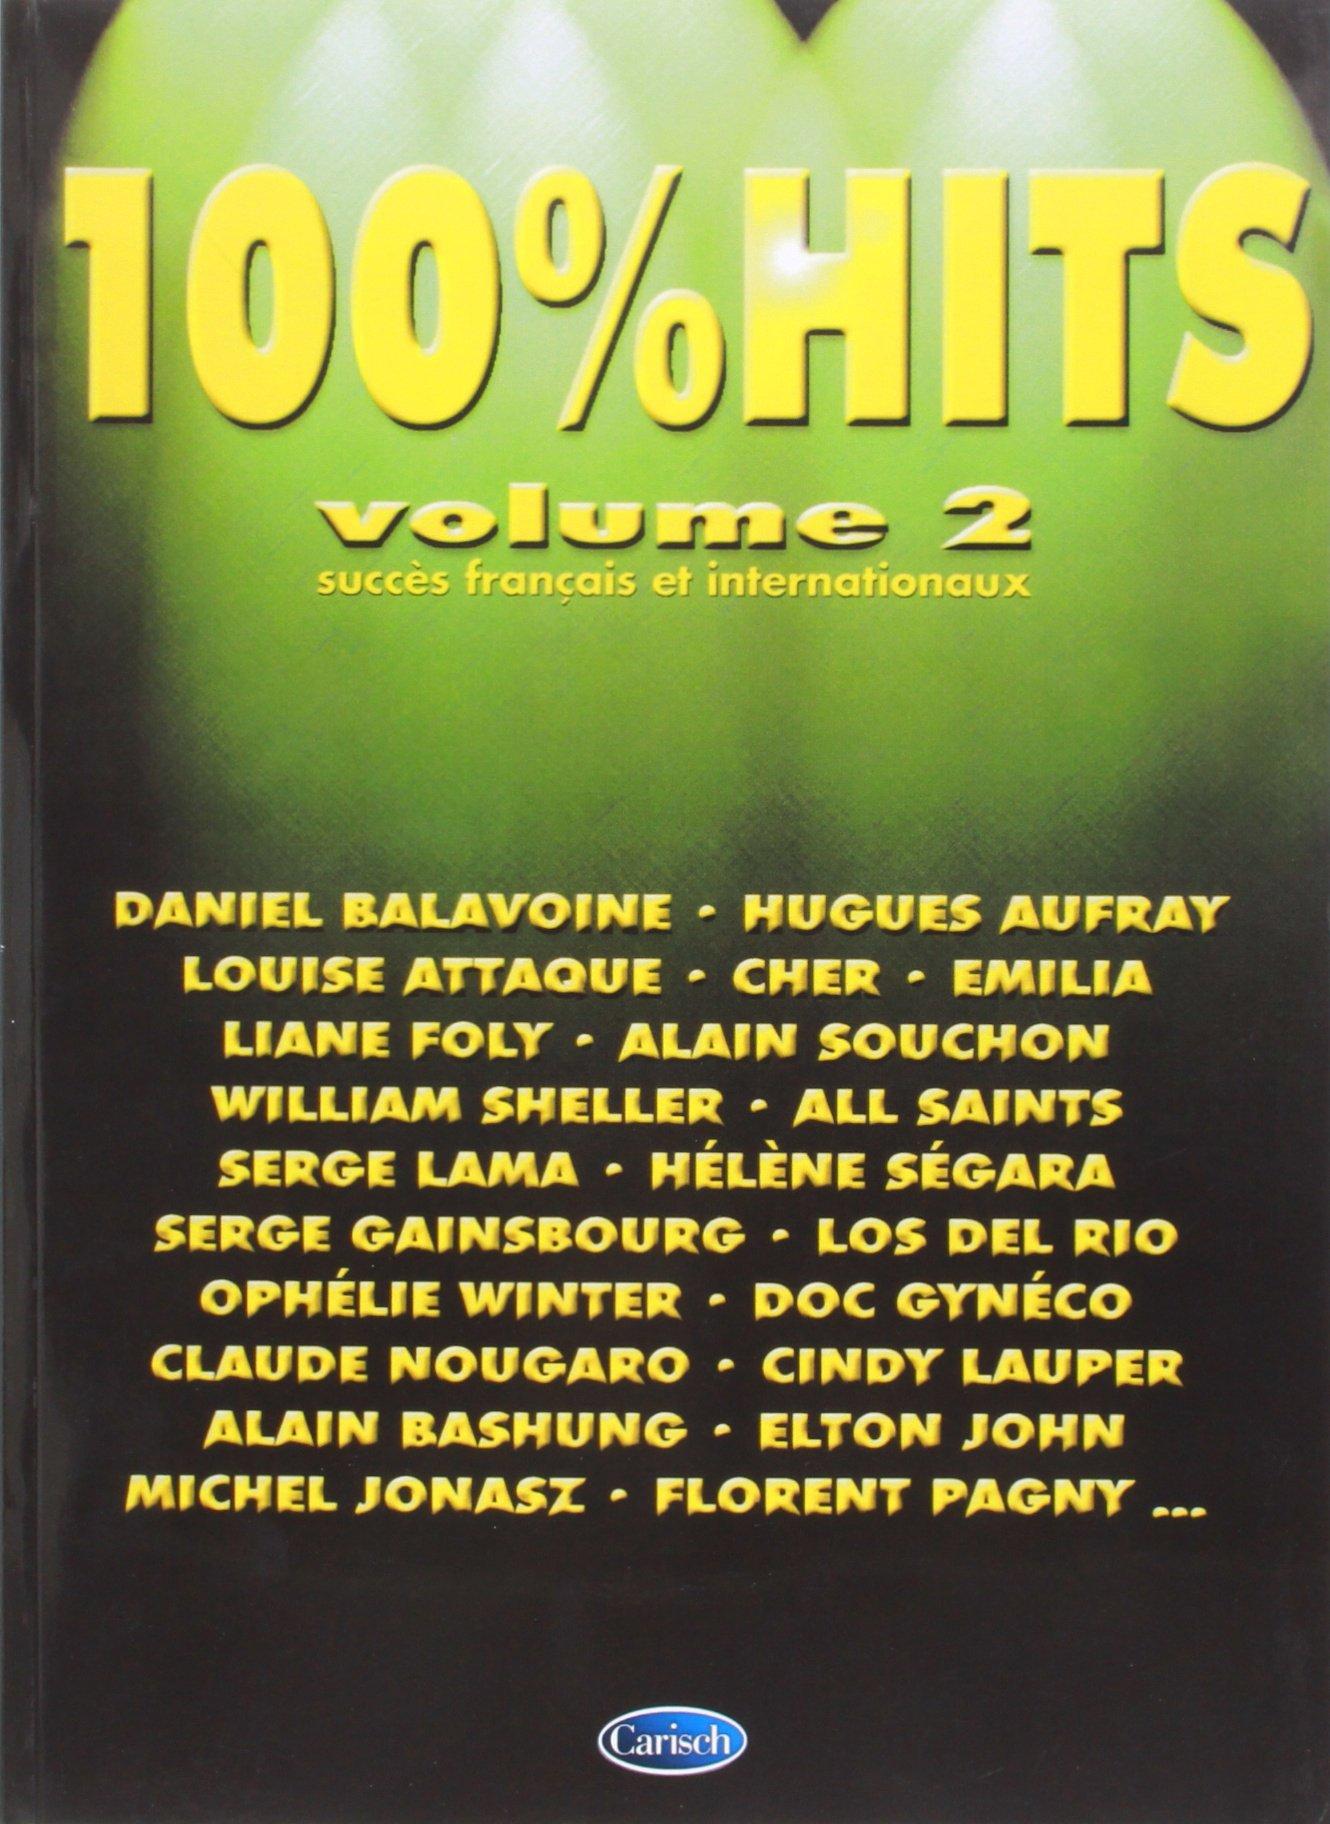 100% Hits Vol.2 PVG Broché – 1 septembre 2000 Divers Carisch 8882913848 51417